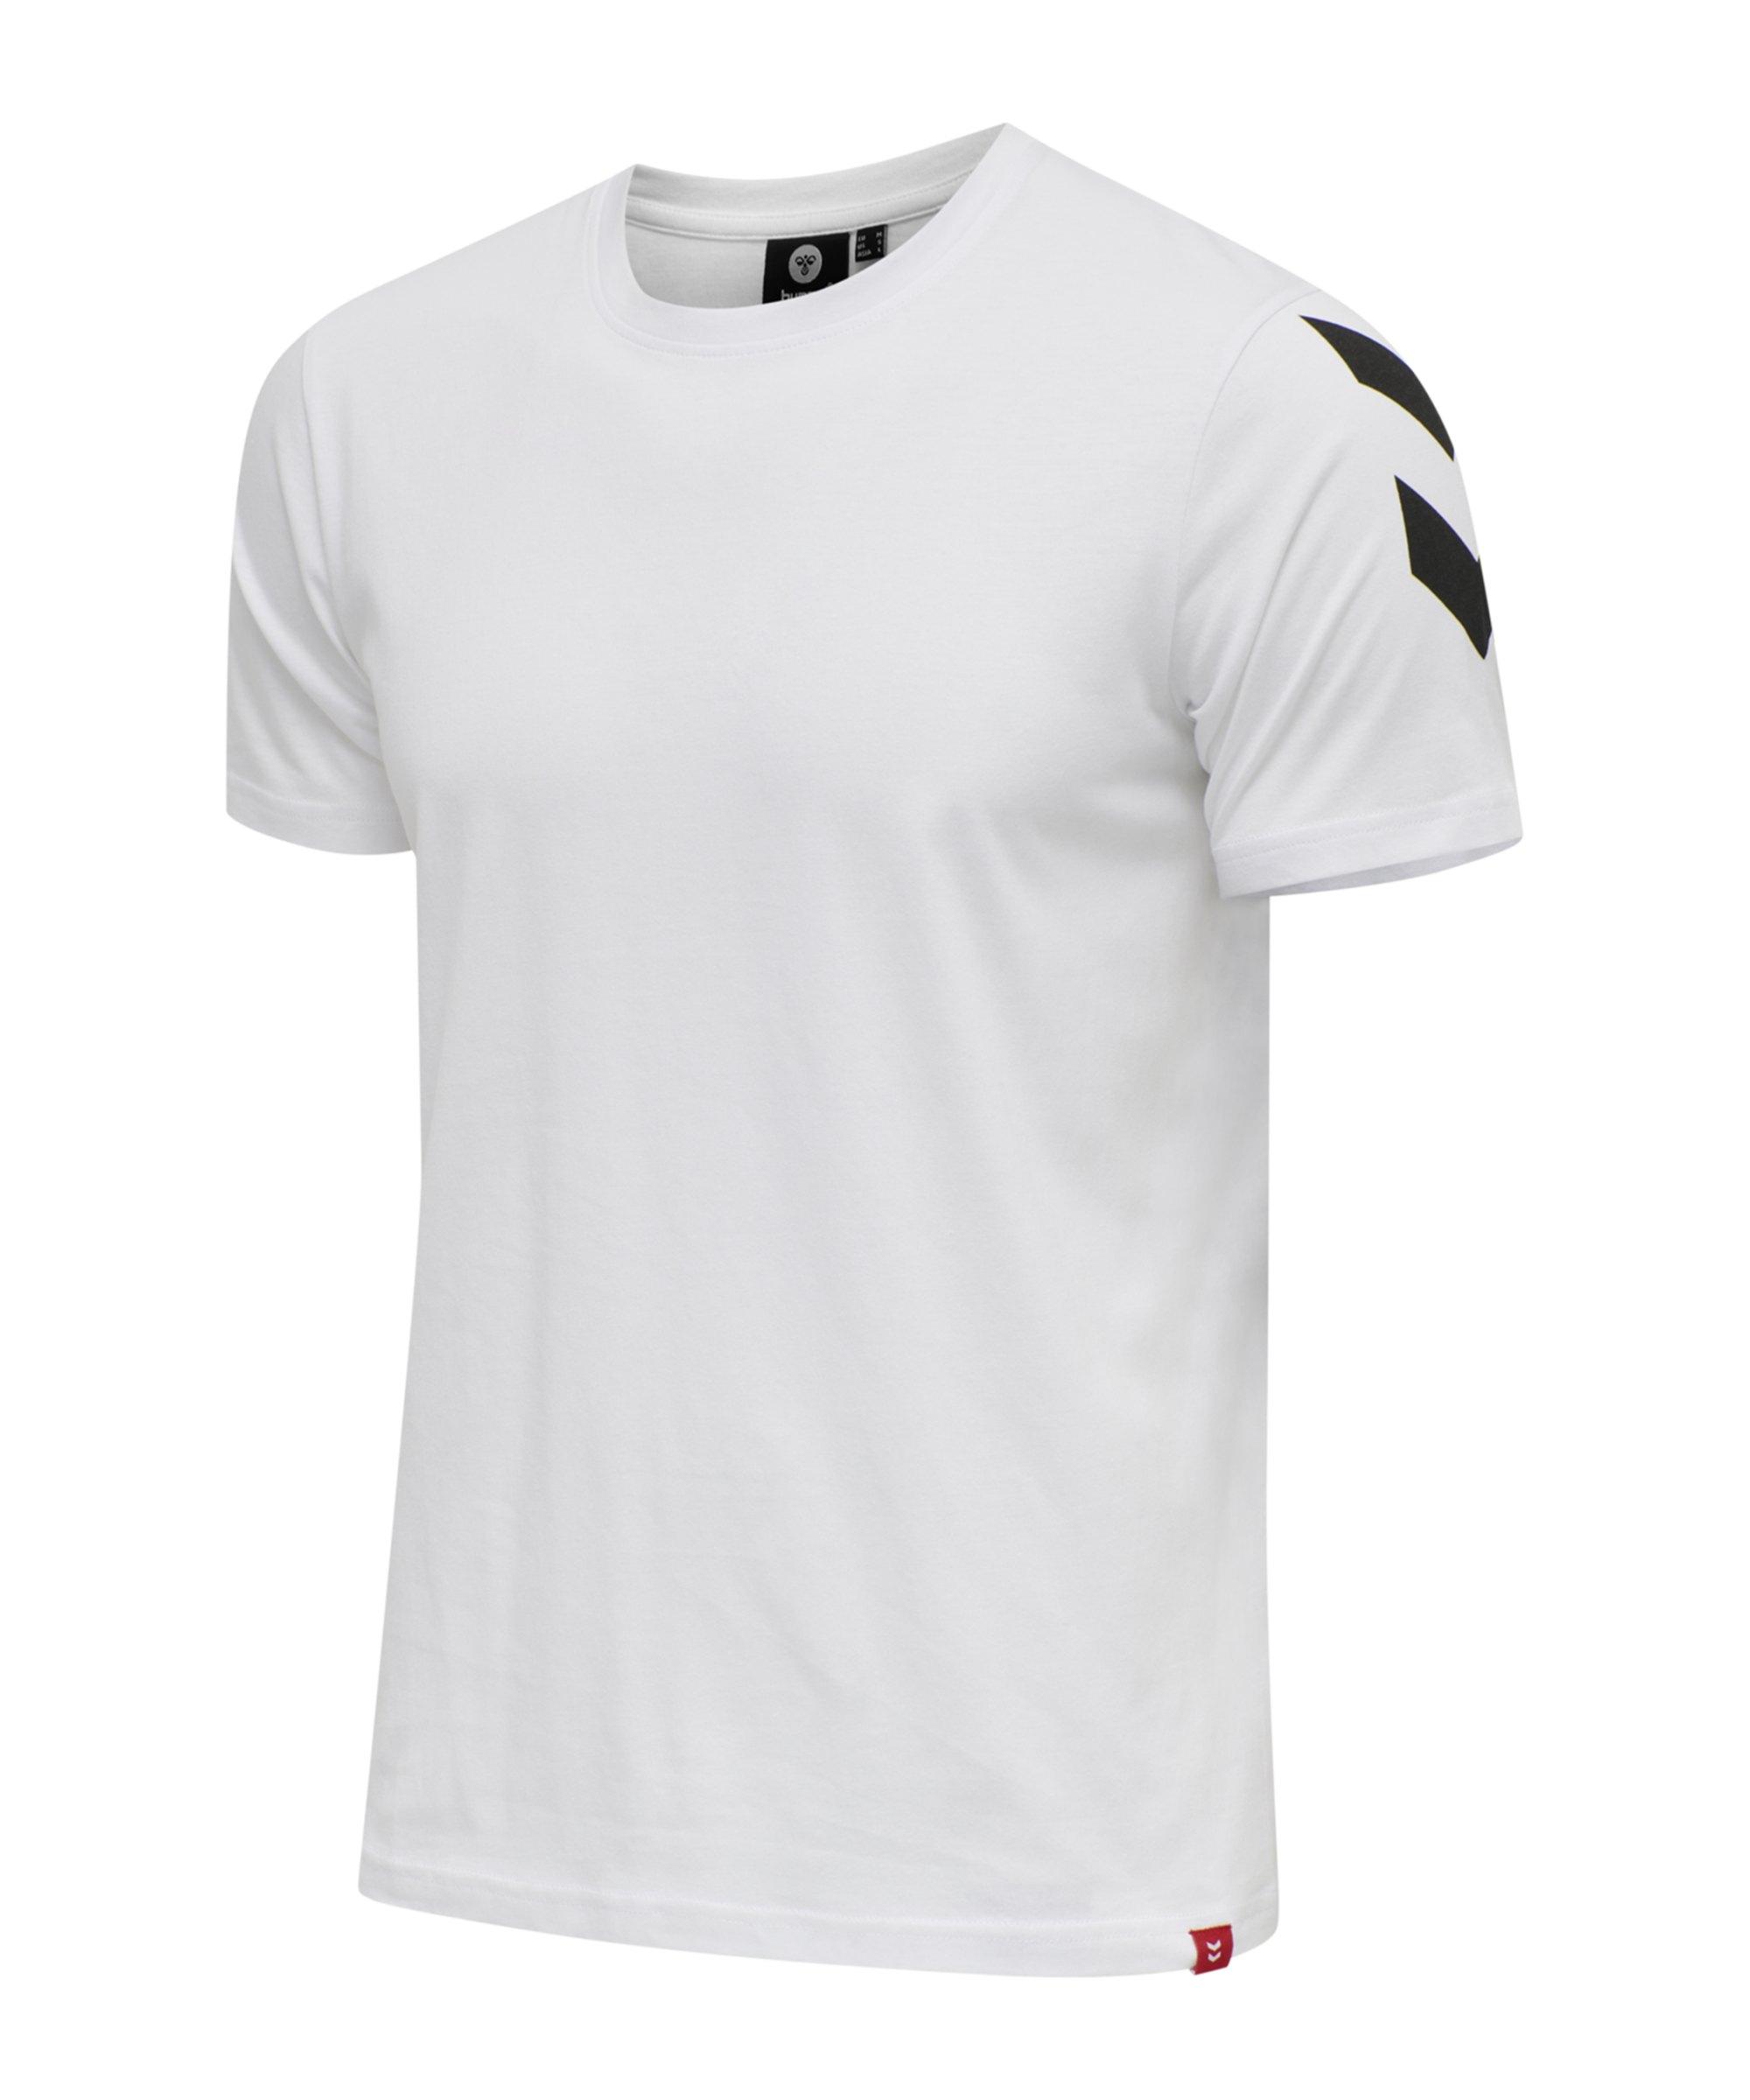 Hummel Legacy Chevron T-Shirt Weiss F9001 - weiss